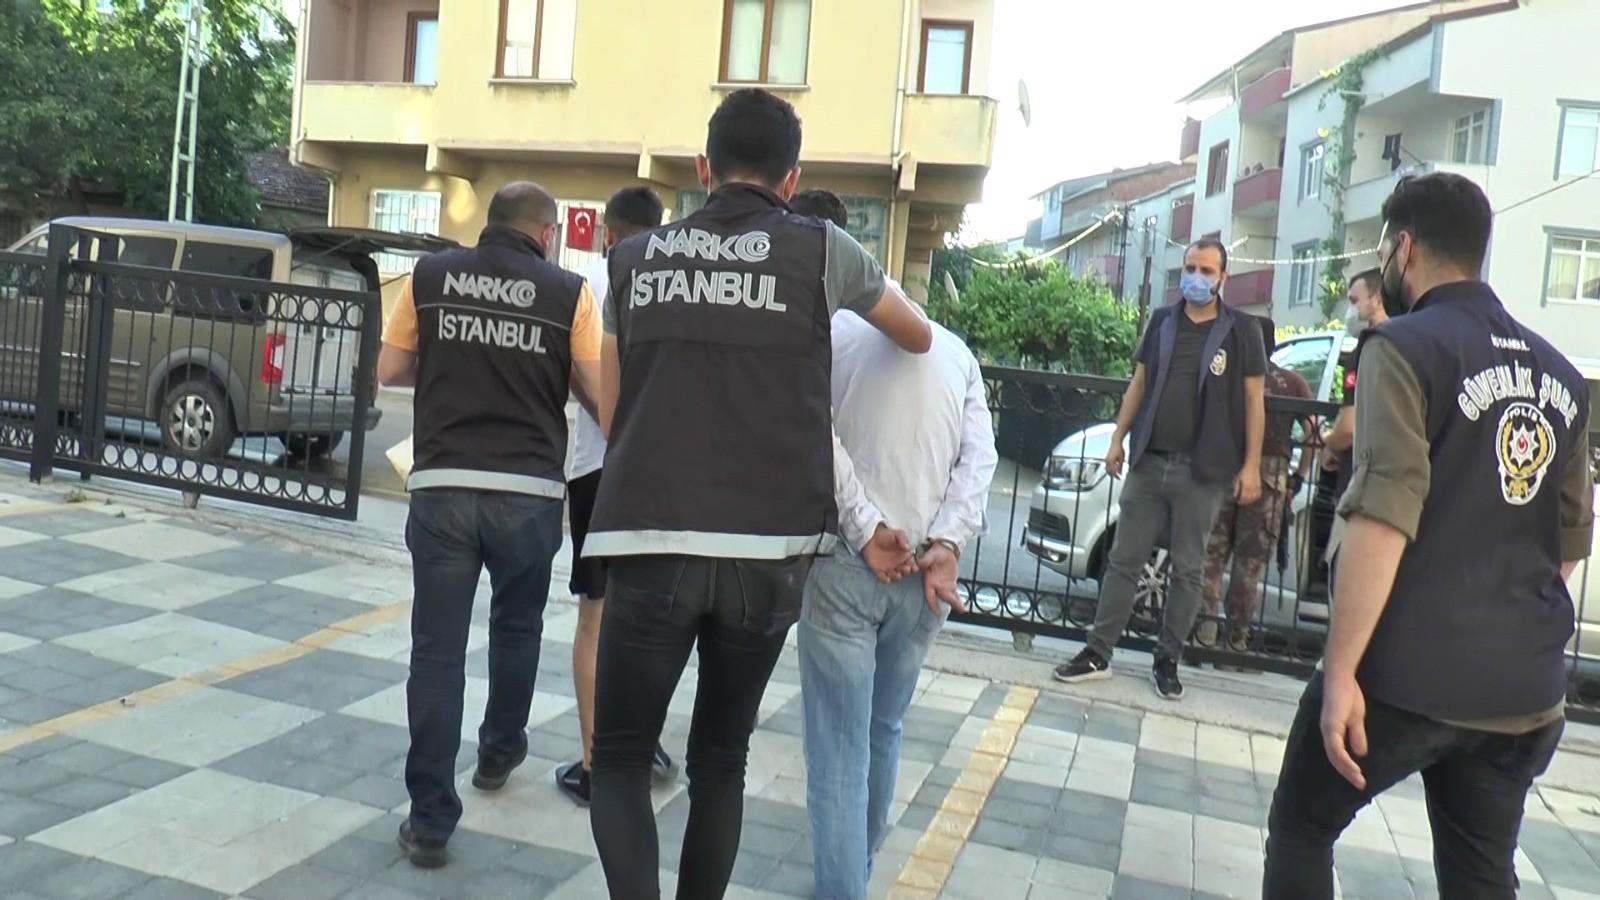 İstanbul'da Narkotik Operasyonunda Çok Sayıda Gözaltı